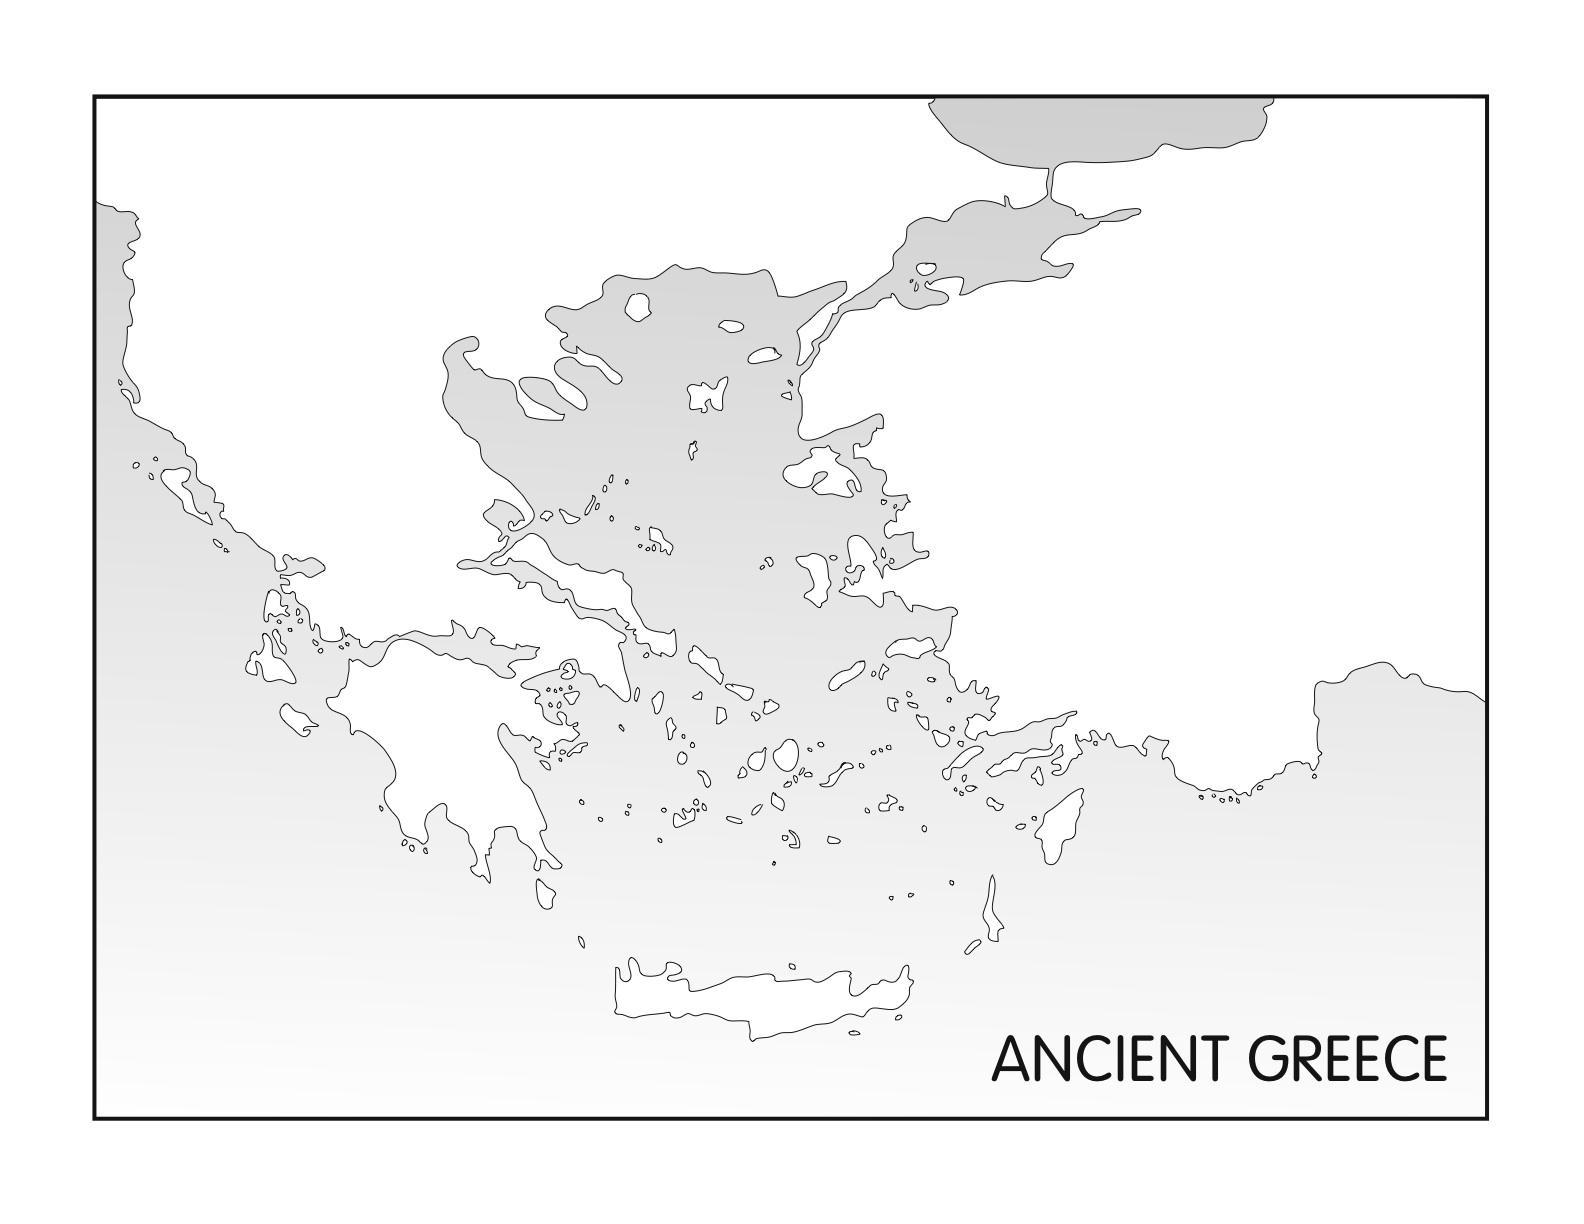 carte grèce antique vierge Carte vierge de la Grèce antique, la Grèce Antique carte vierge